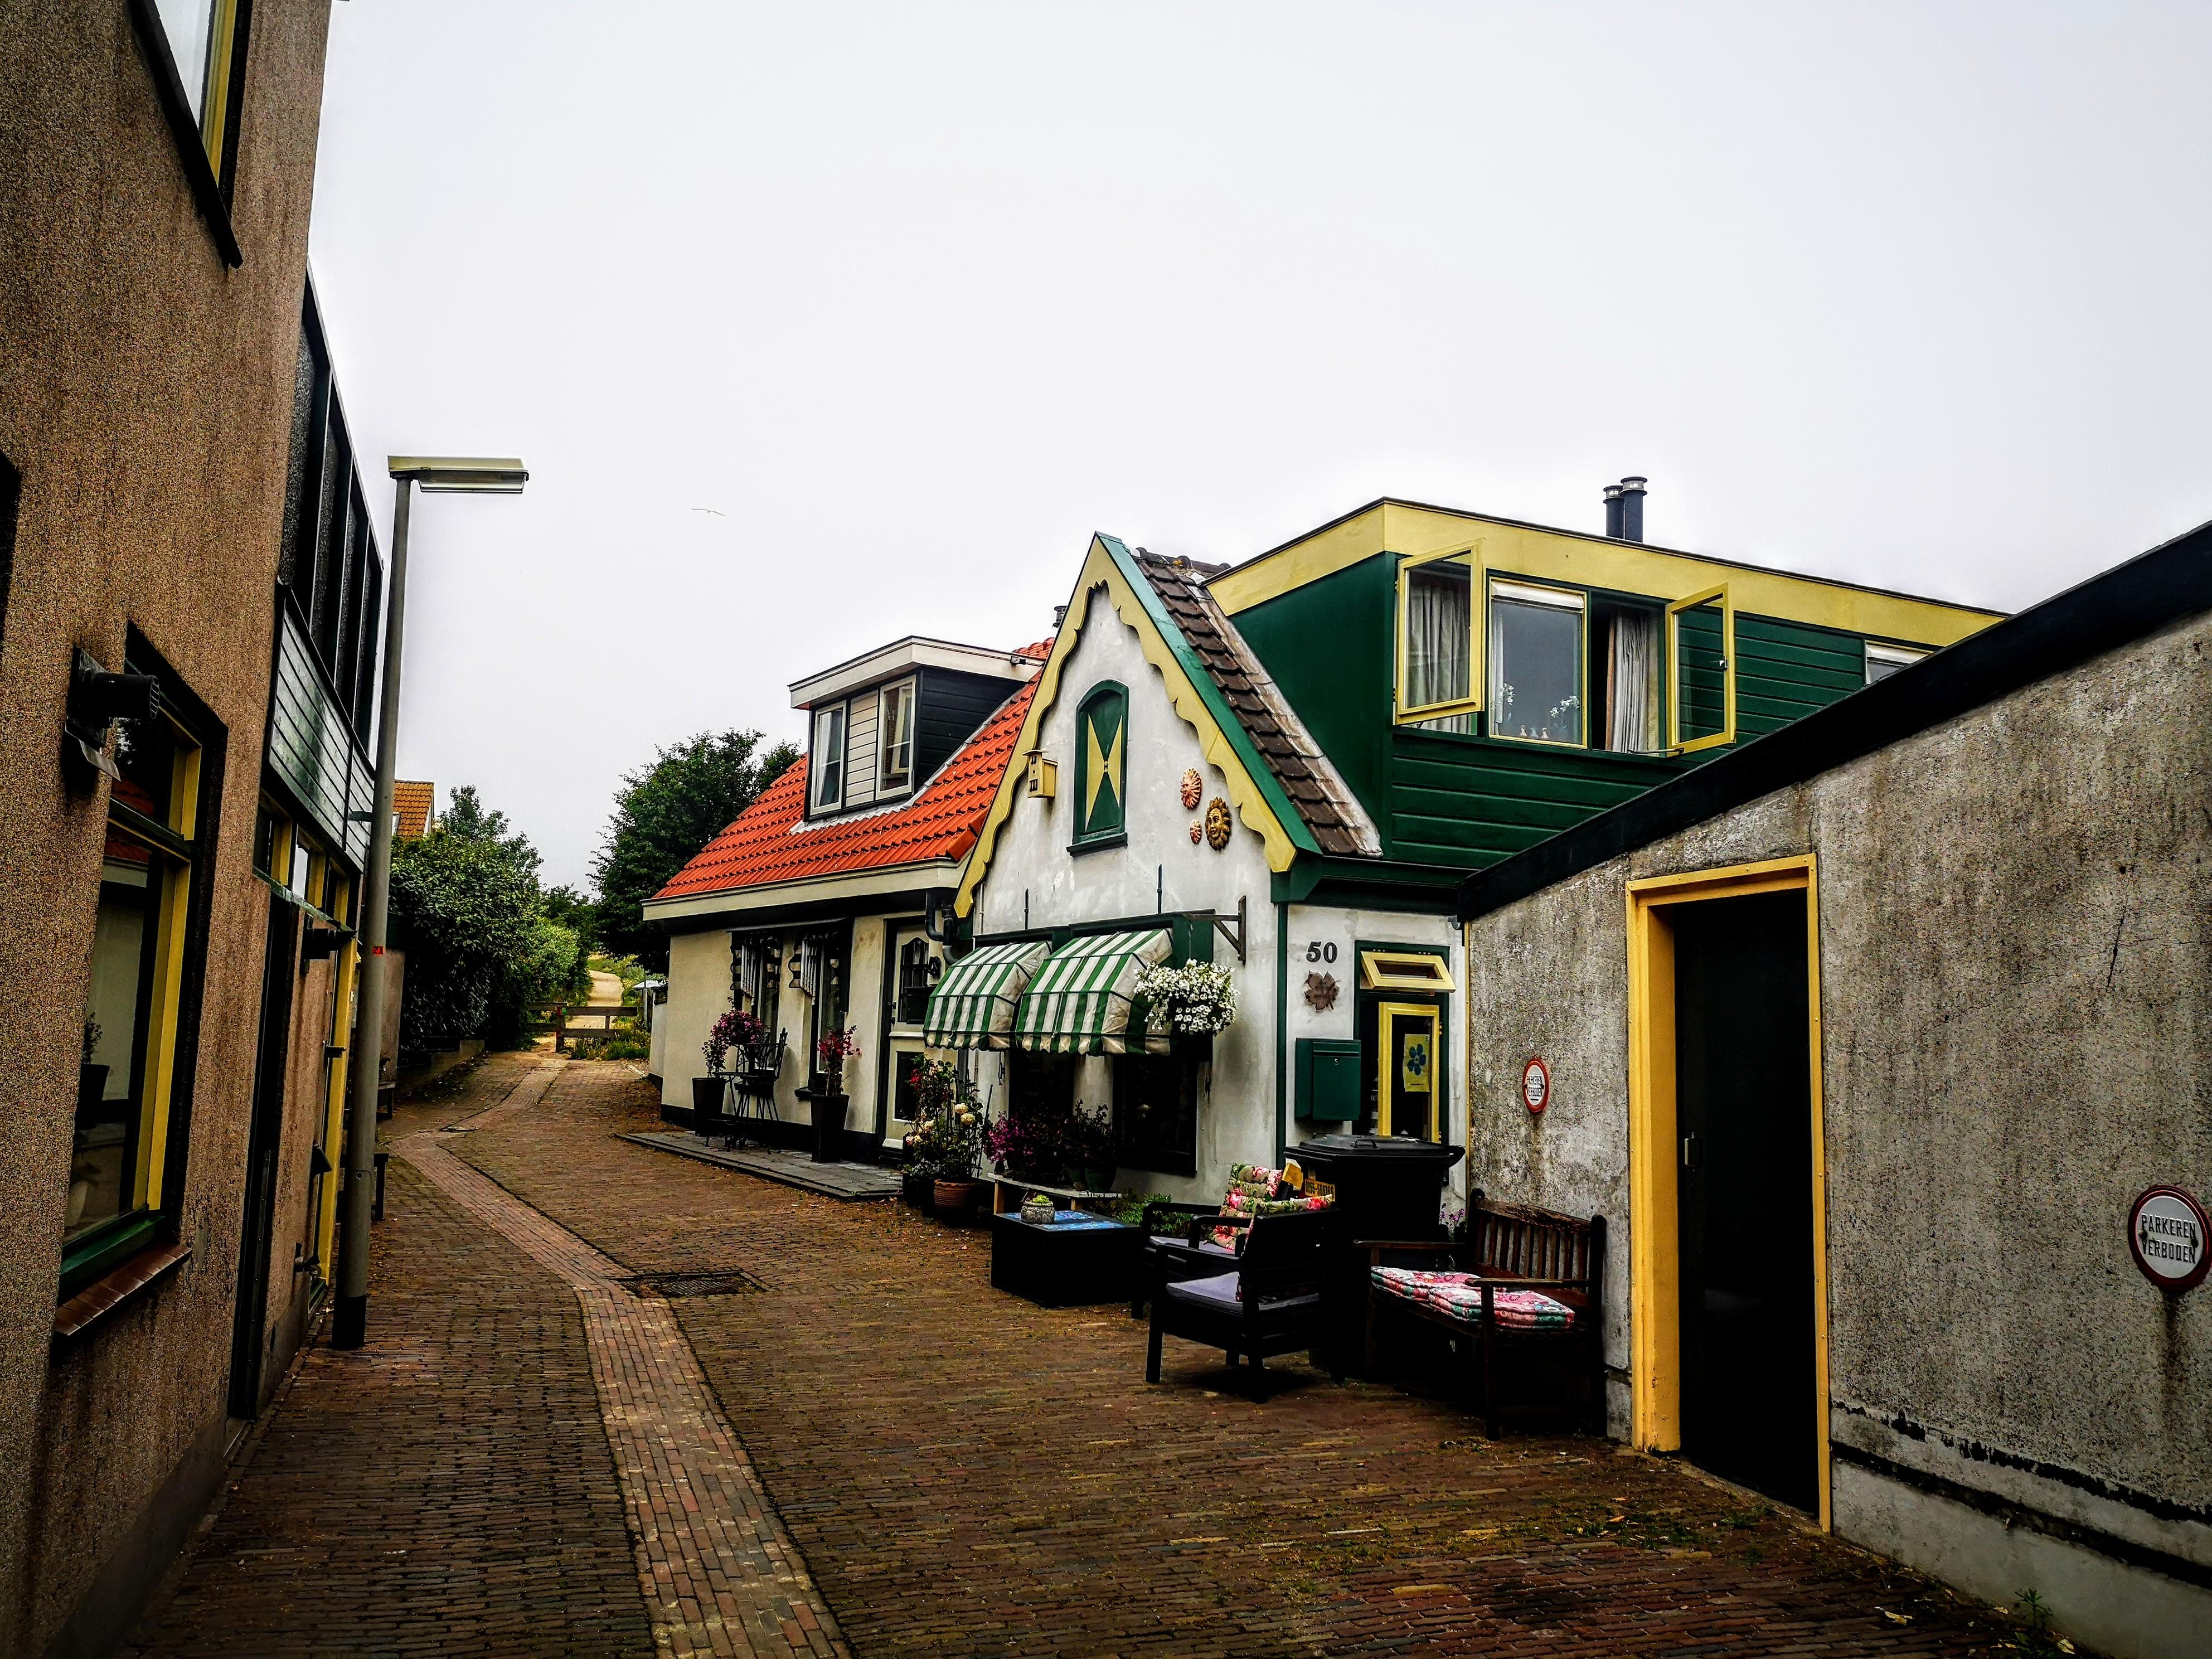 Nederlands Kustpad etappe 5 Santpoort Noord - Wijk aan Zee